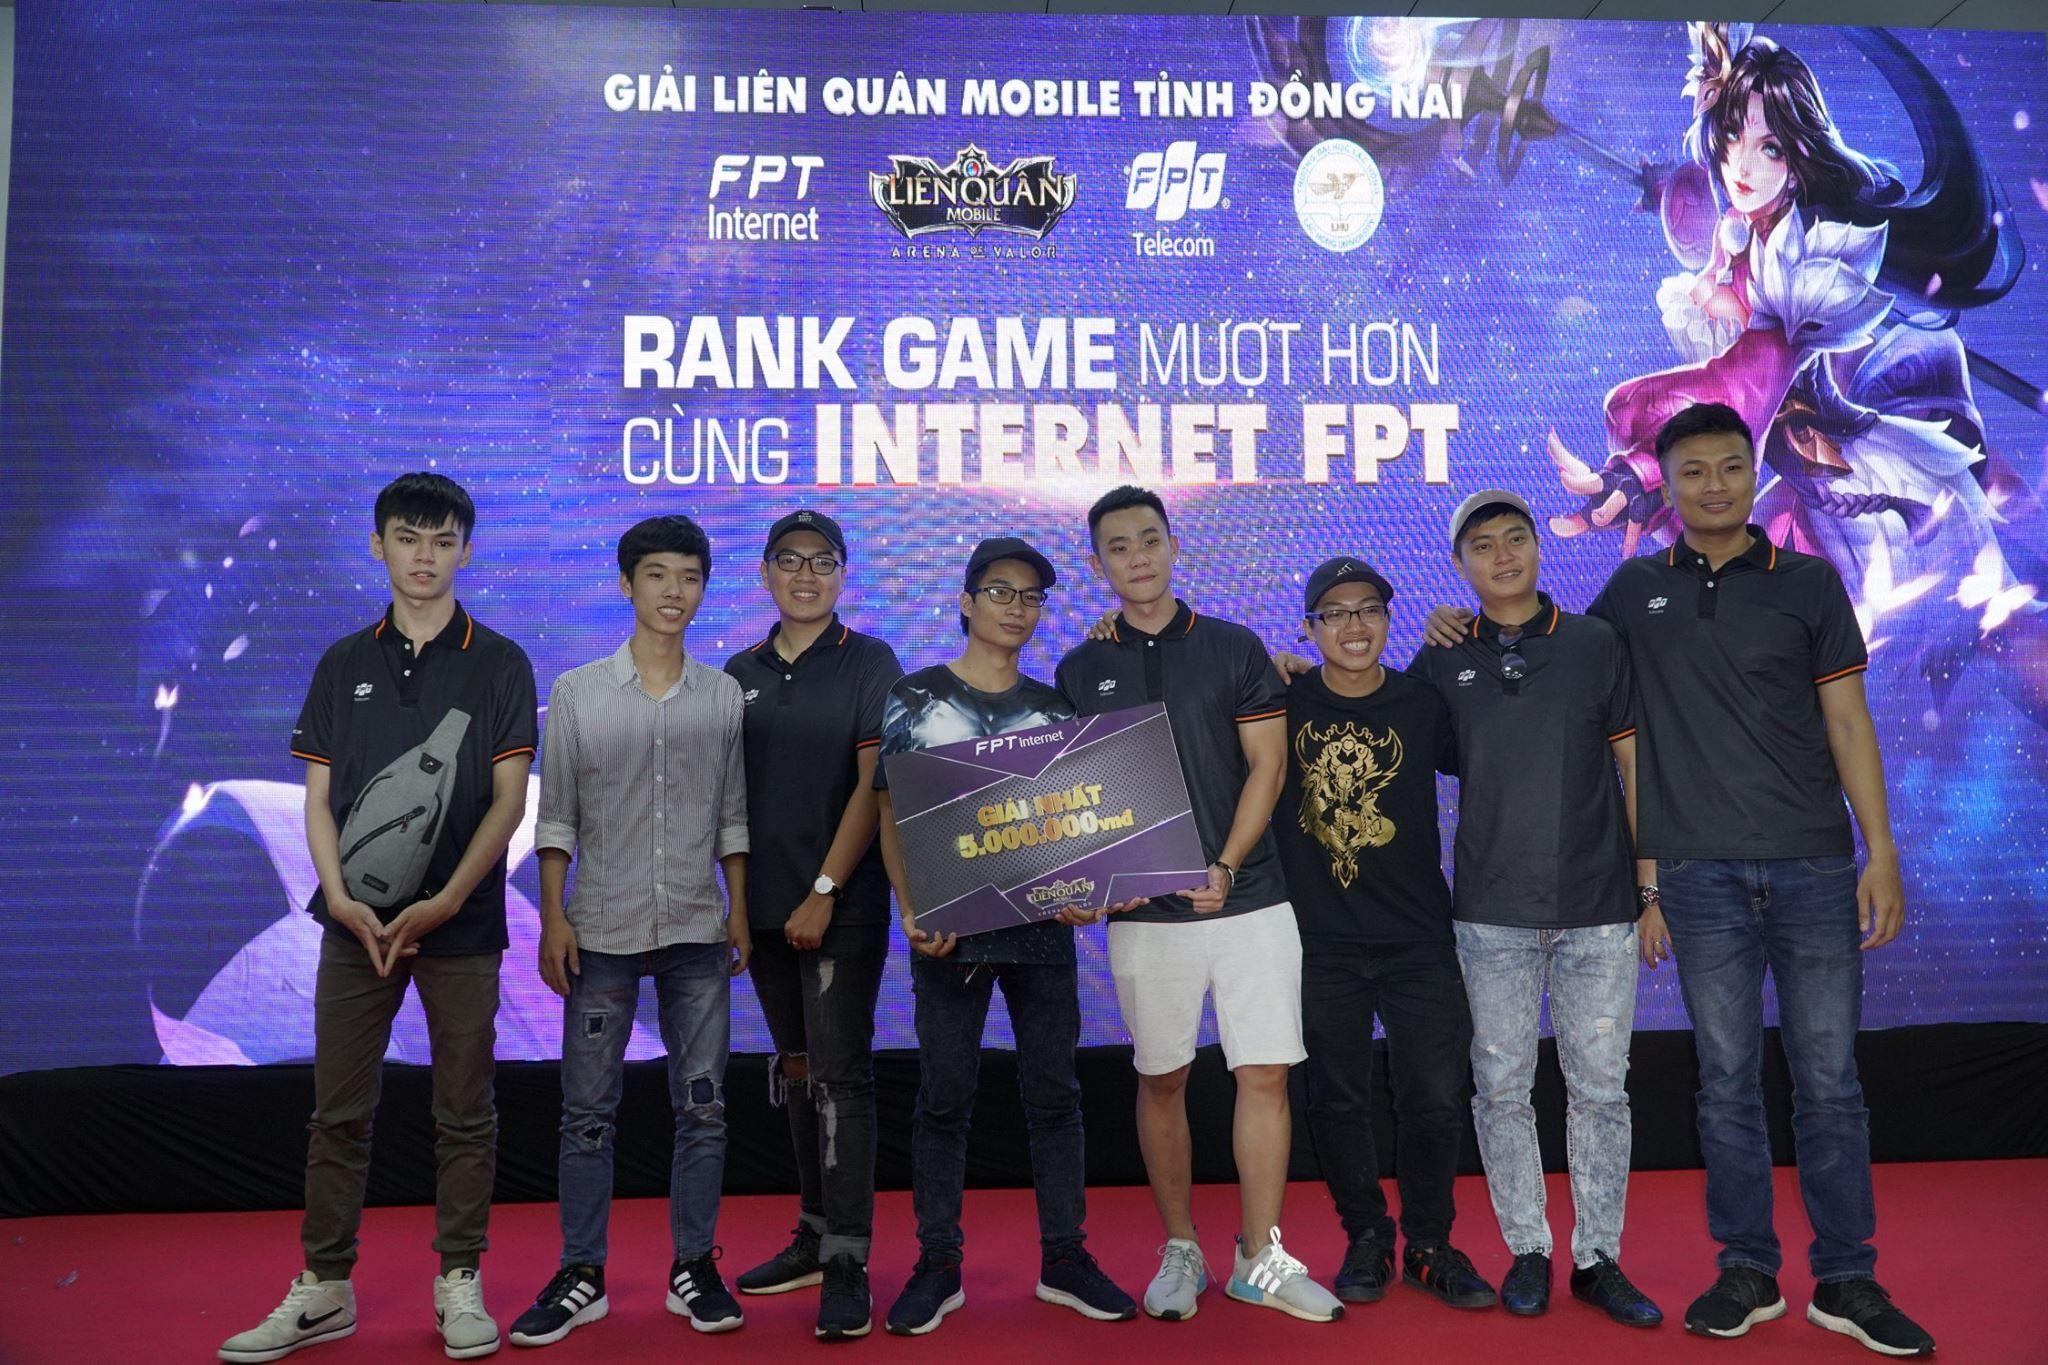 FPT tổ chức giải đấu Liên Quân Mobile – FPT eSport Championship